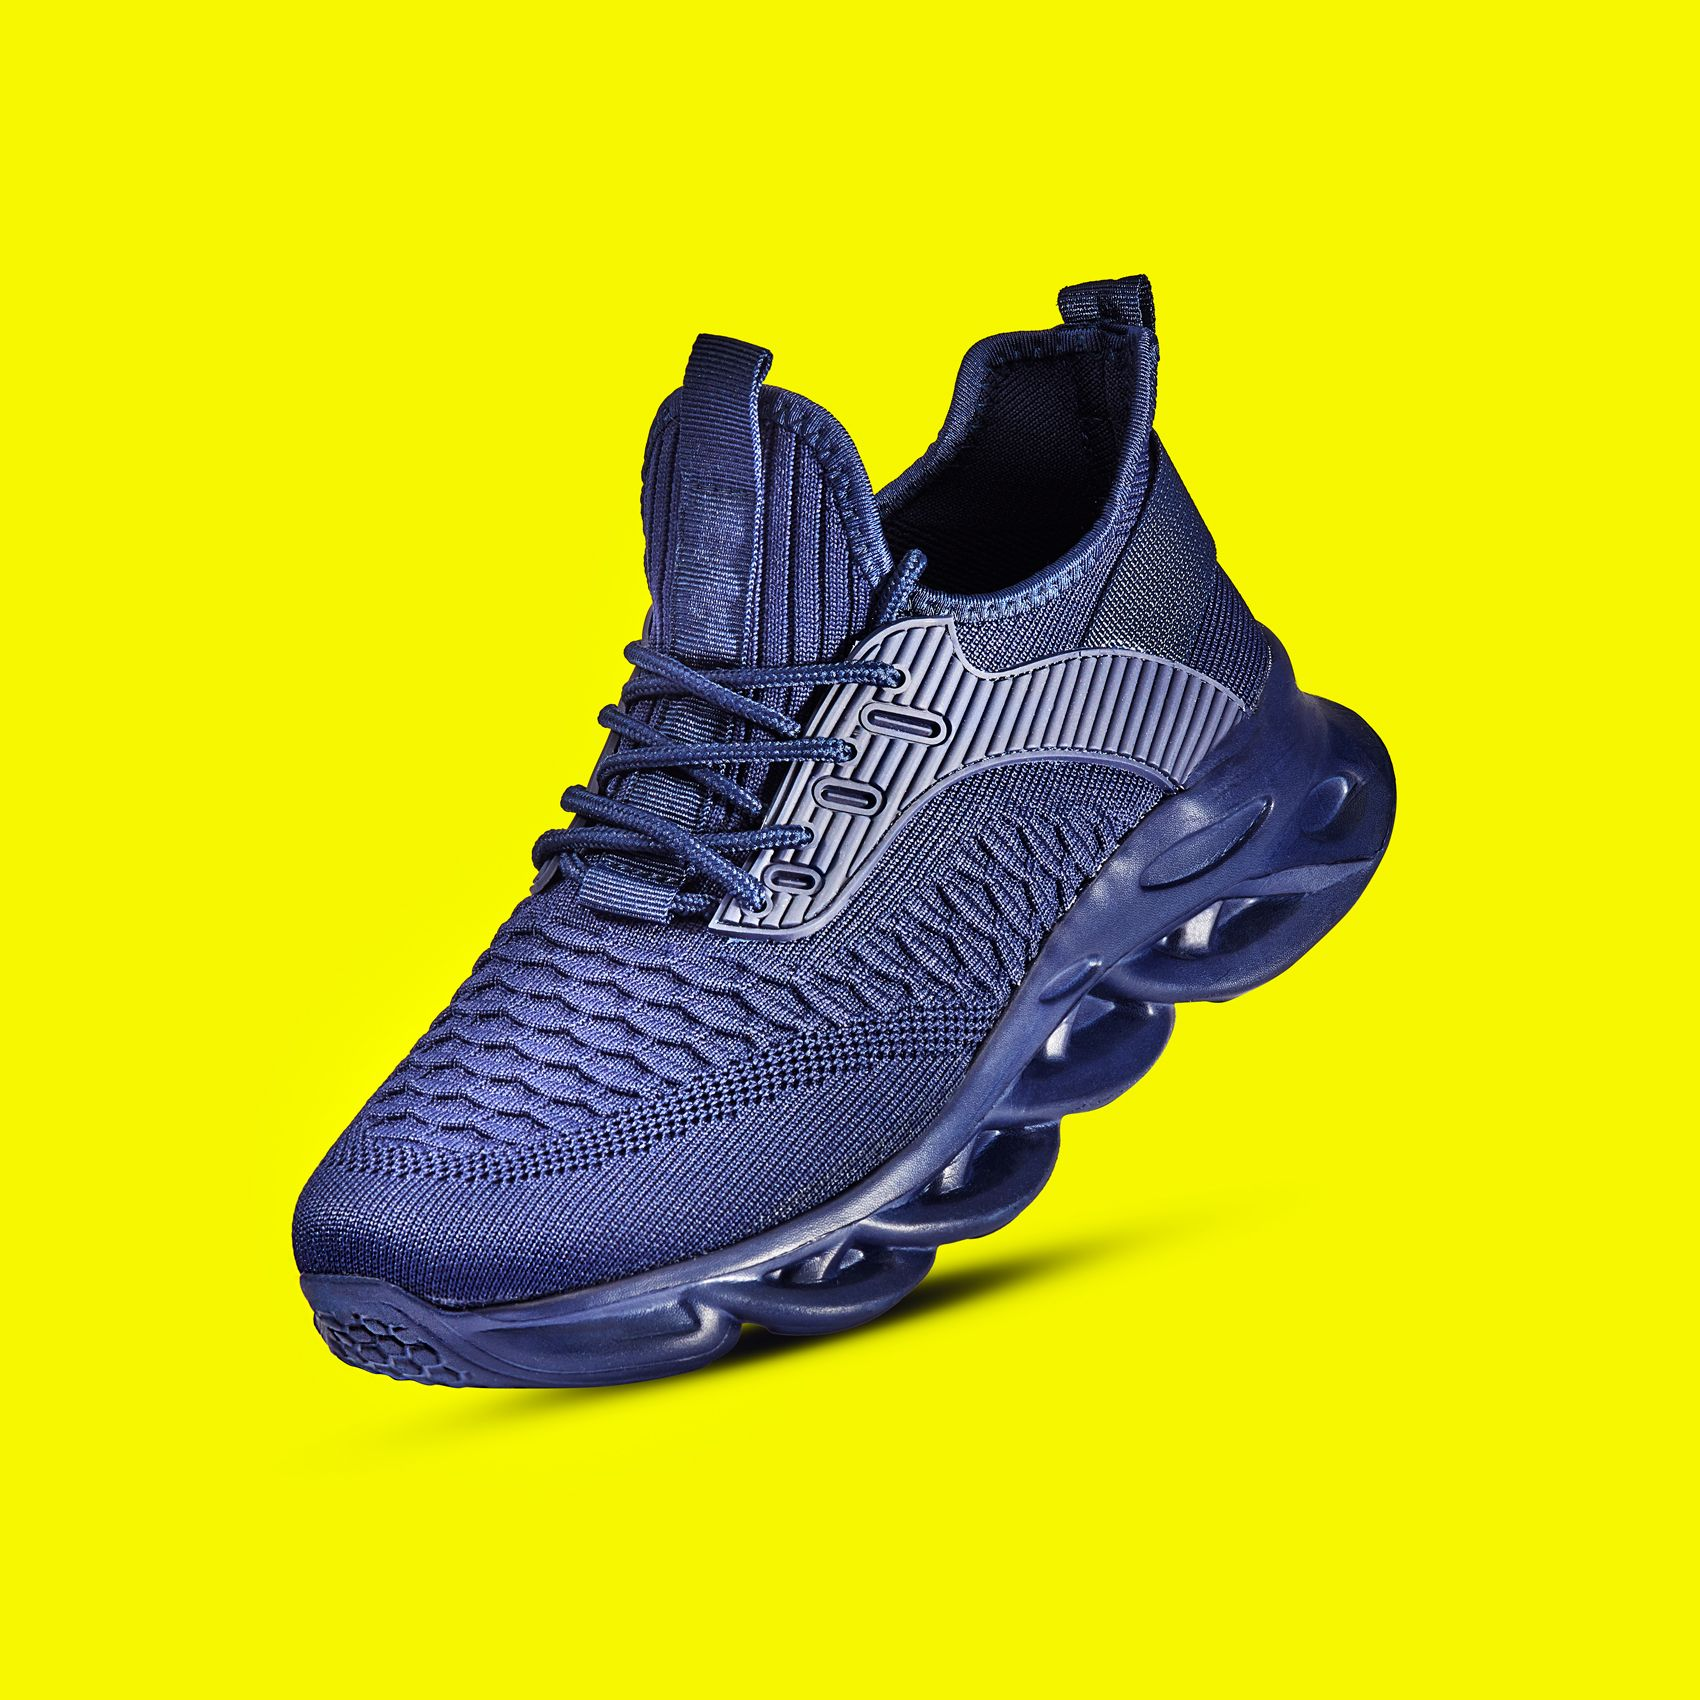 Footwear_BTS_2021_52.jpg